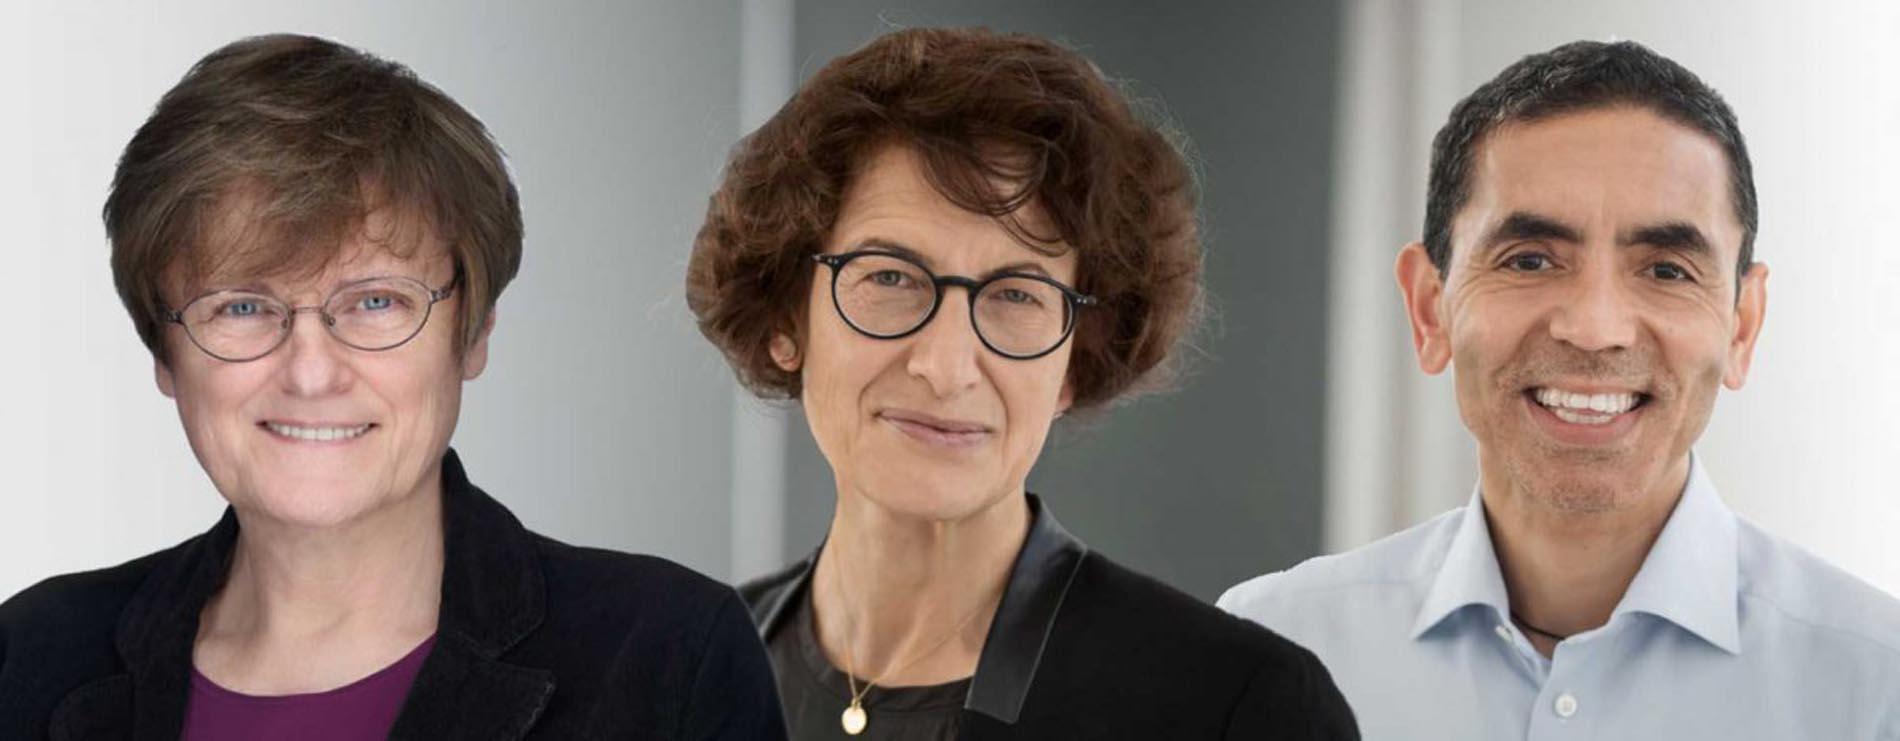 Özlem Türeci ve Uğur Şahin Almanya'nın en büyük tıp ödülü ile onurlandırıldı